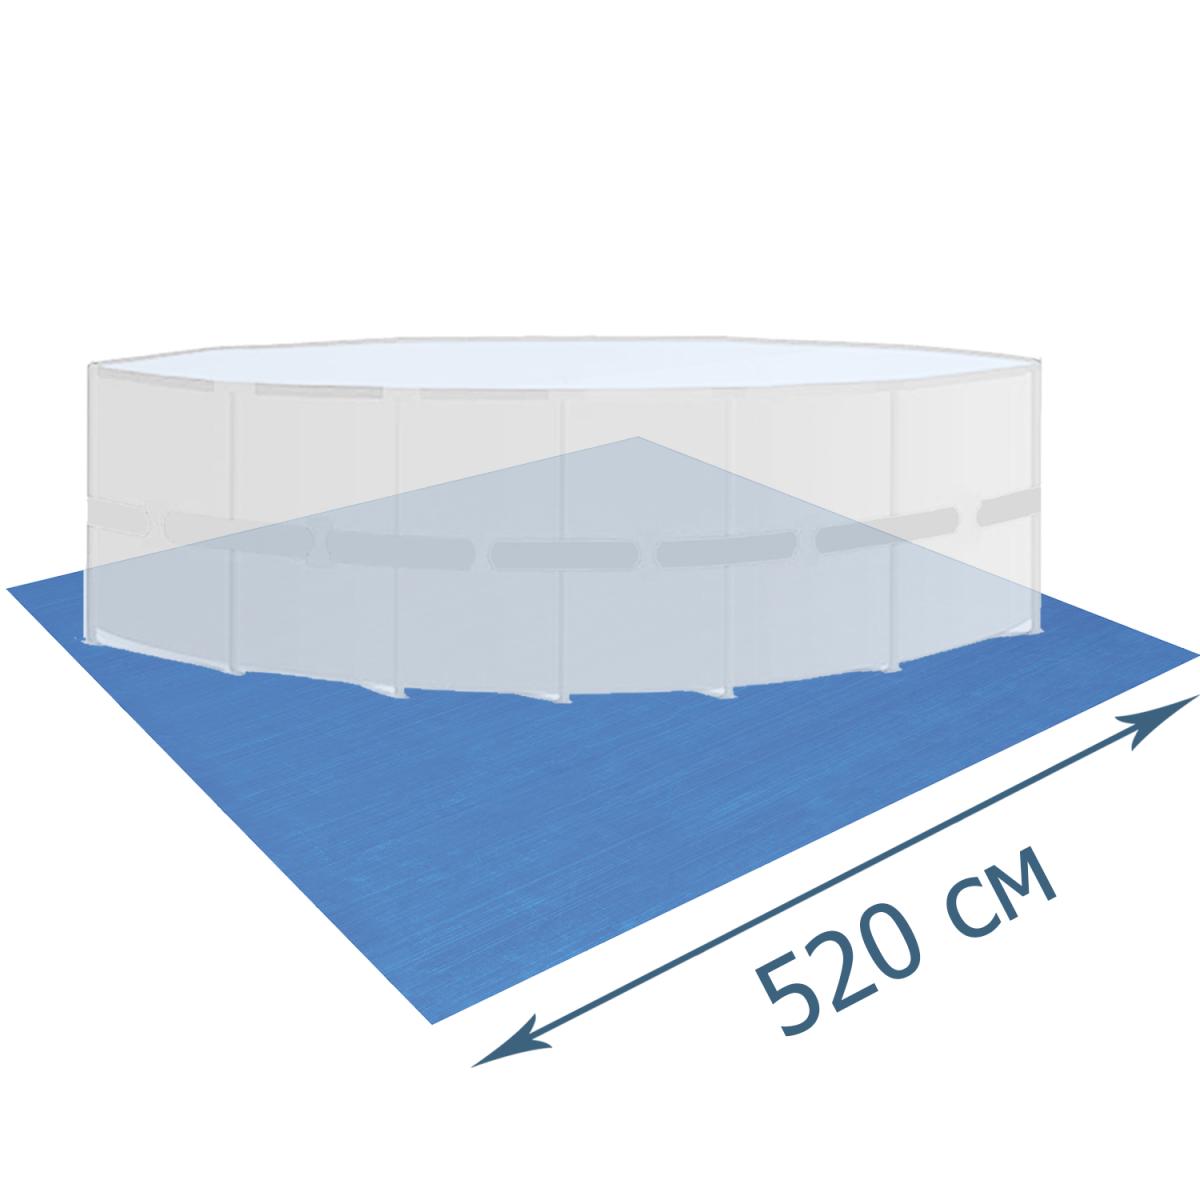 Подстилка для бассейна Bestway 58251, 520 х 520 см, квадратная